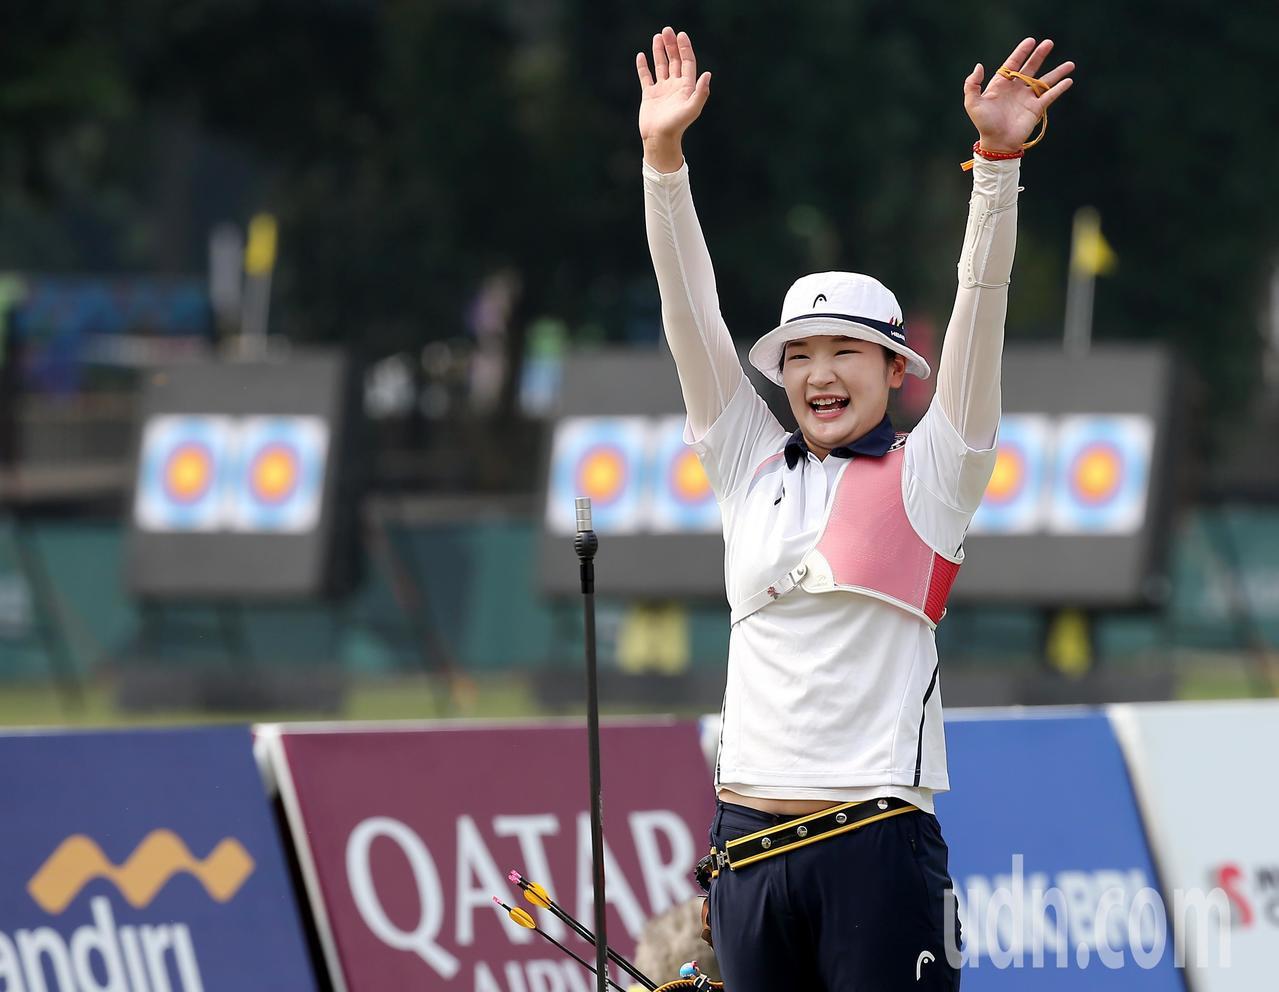 南韓選手姜彩榮在雅加達亞運反曲弓女子個人銅牌戰後來居上,以6支10分箭逆轉獲勝。...